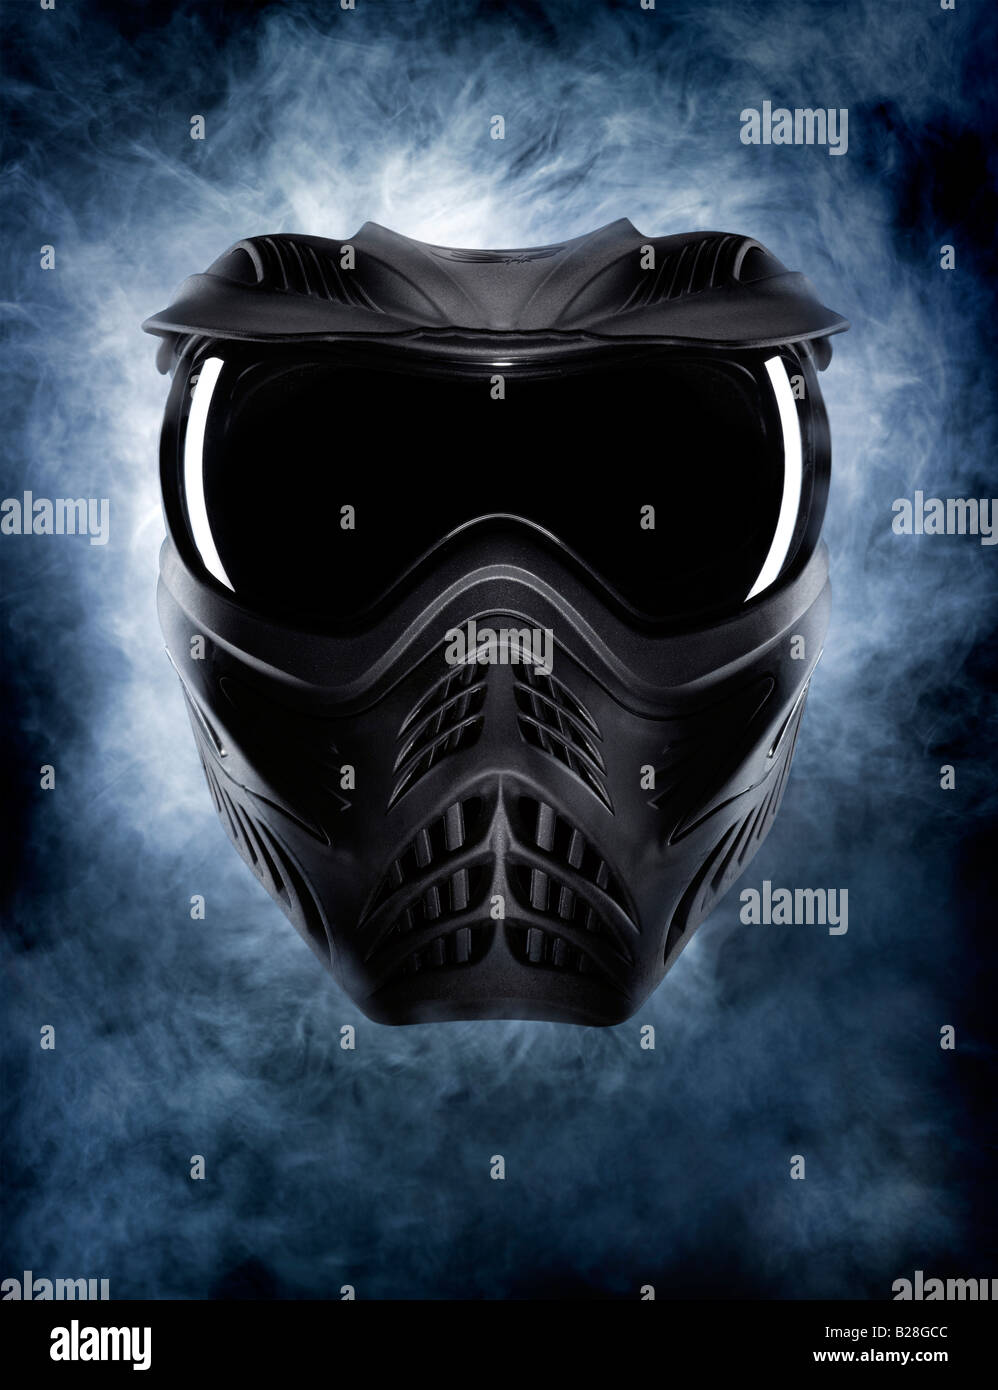 Eine bedrohliche Maske Stockfoto